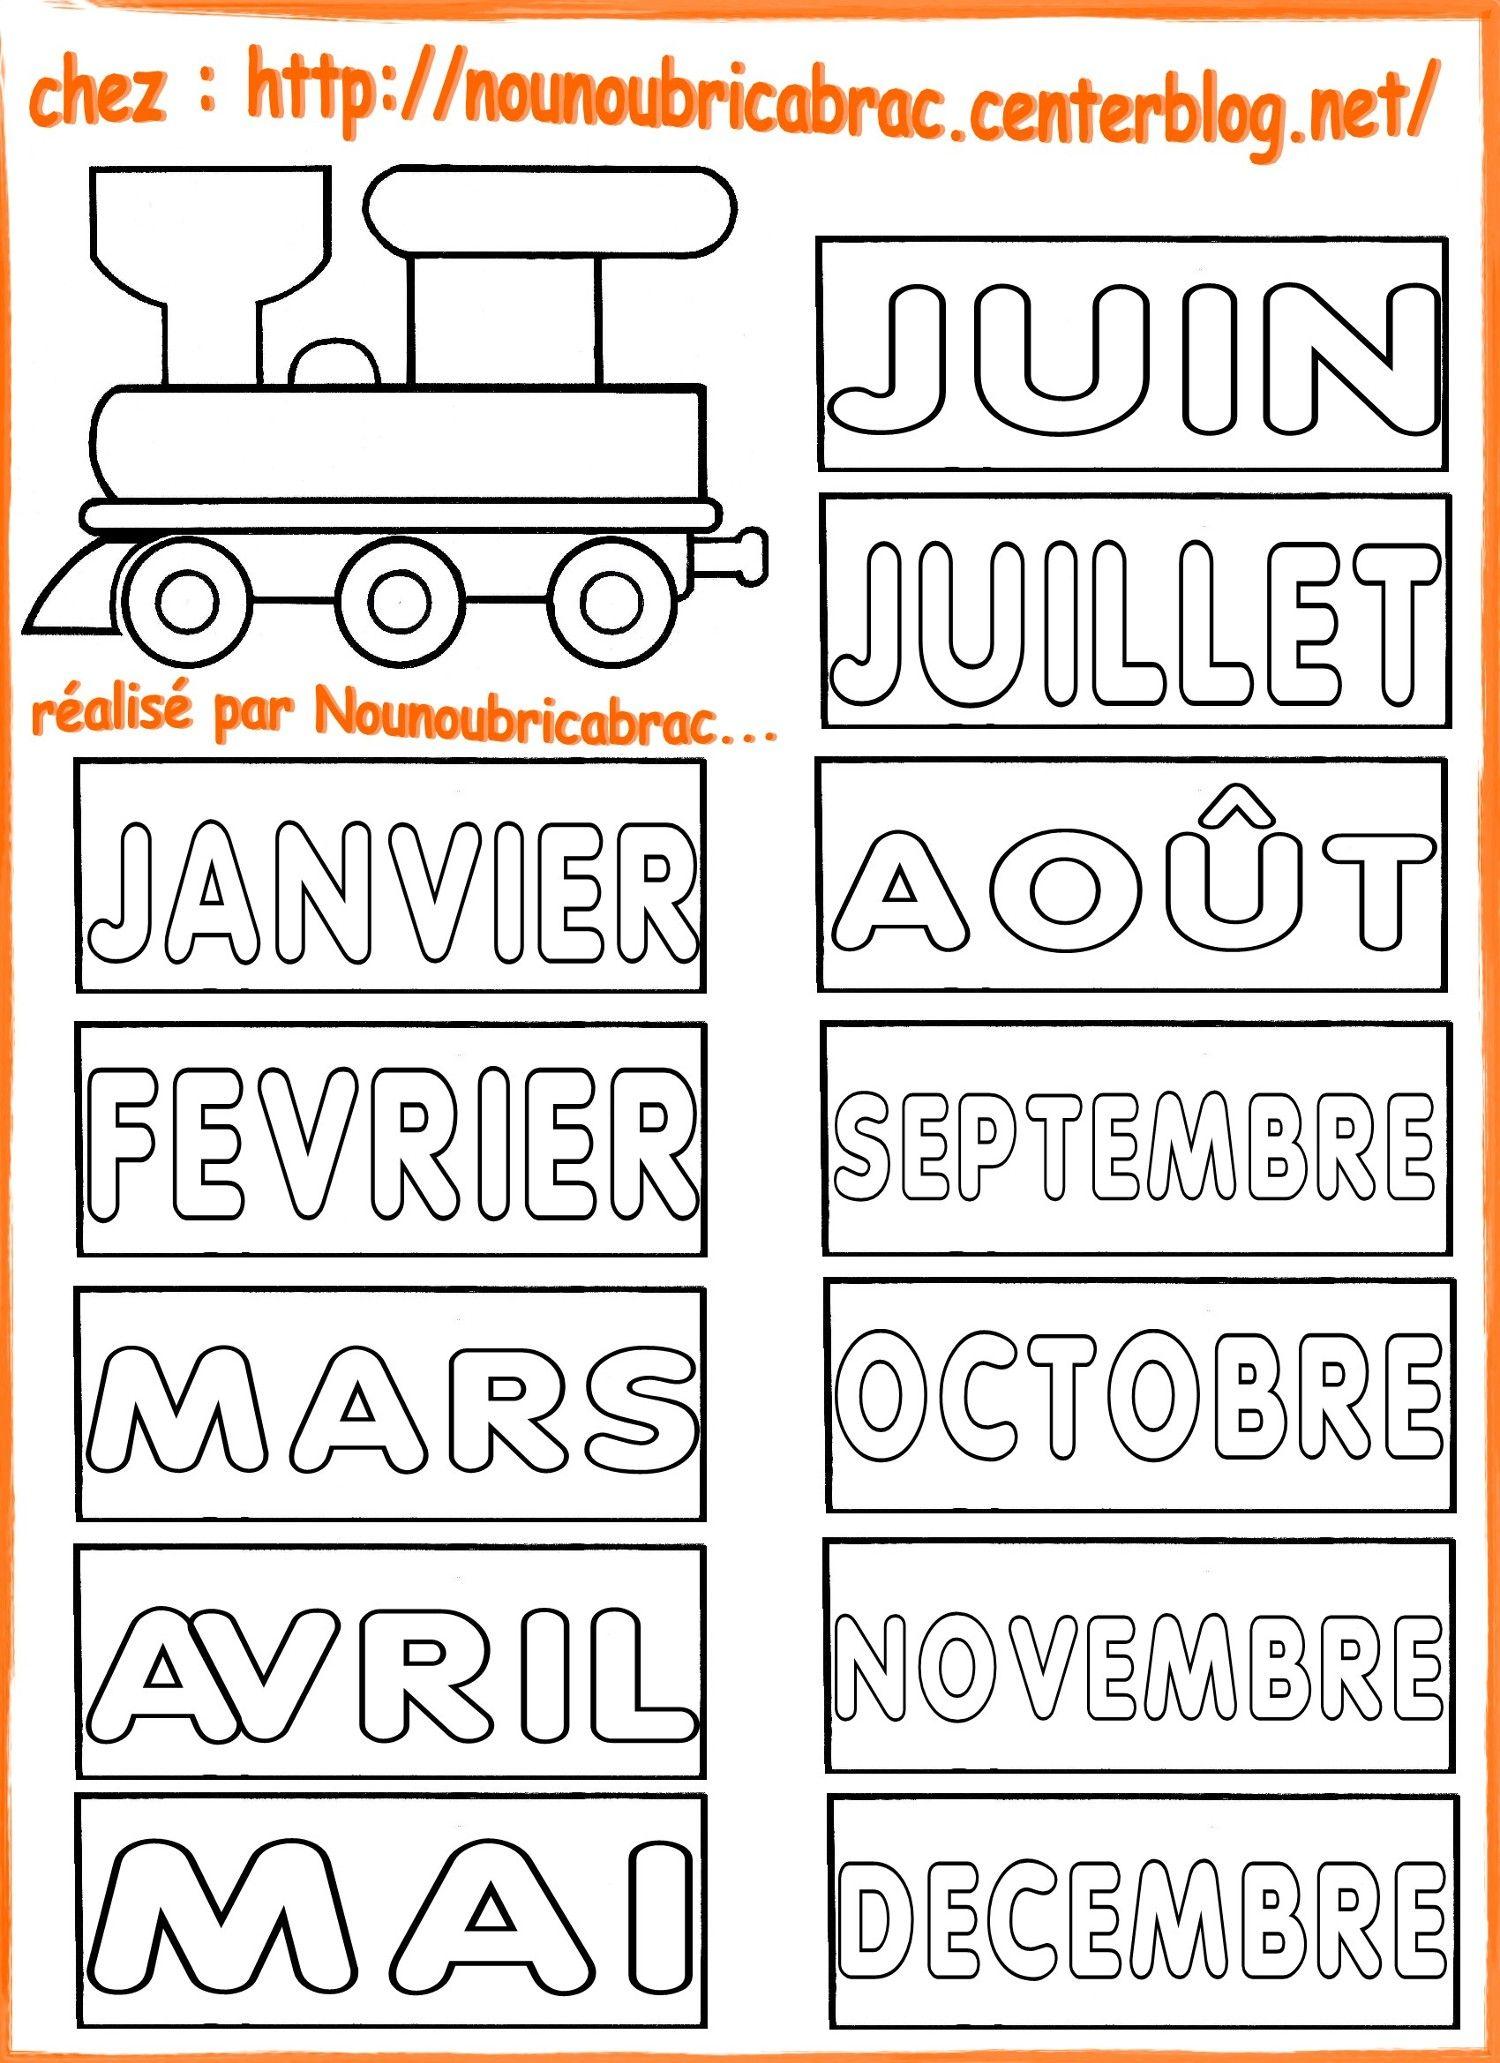 Calendrier Pinterest.Calendrier Pour Apprendre Ludiquement La Locomotive Et